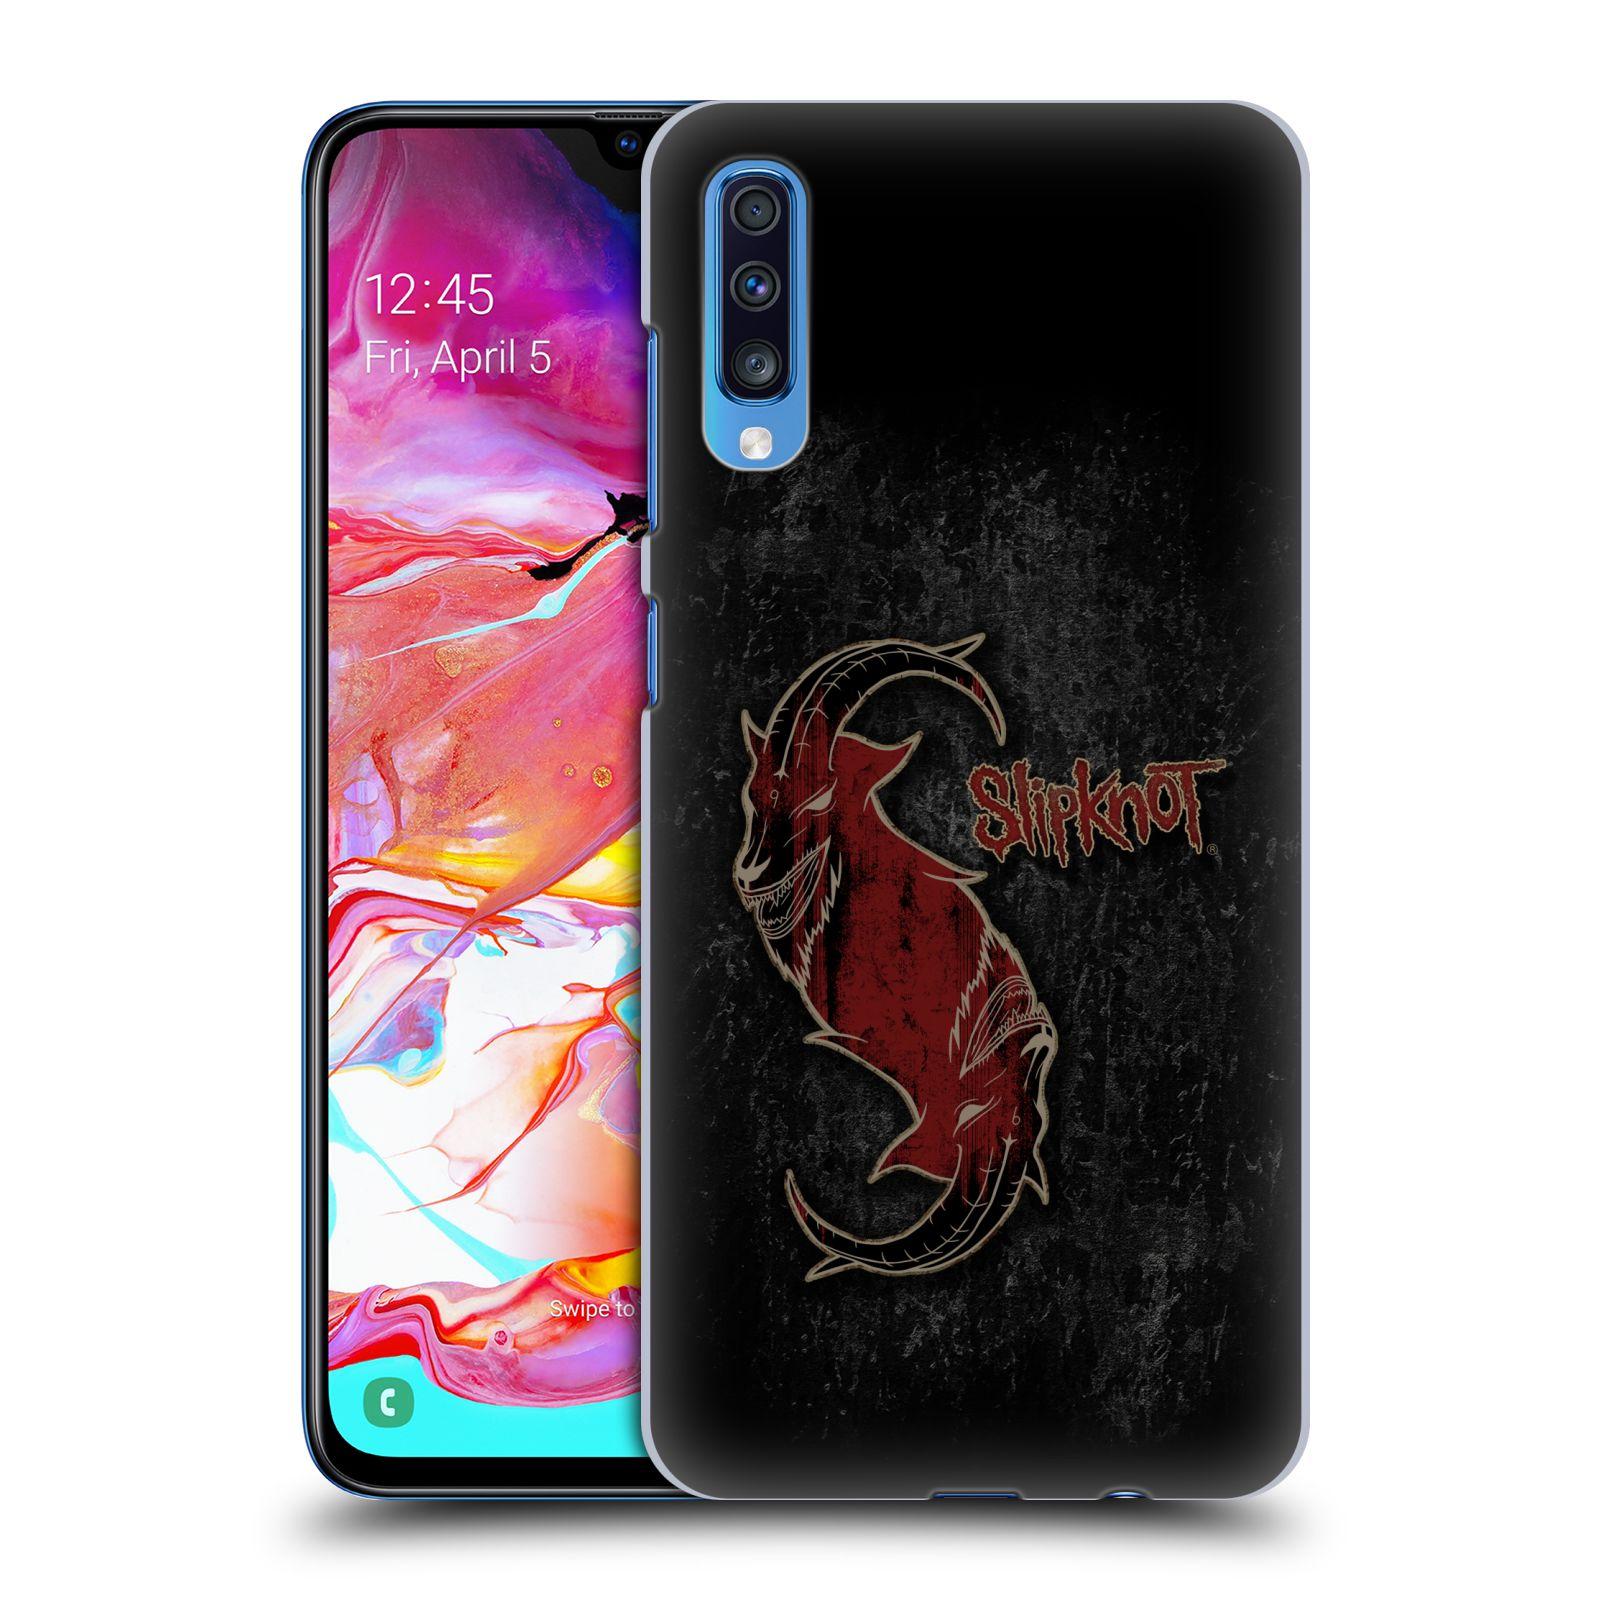 Plastové pouzdro na mobil Samsung Galaxy A70 - Head Case - Slipknot - Rudý kozel